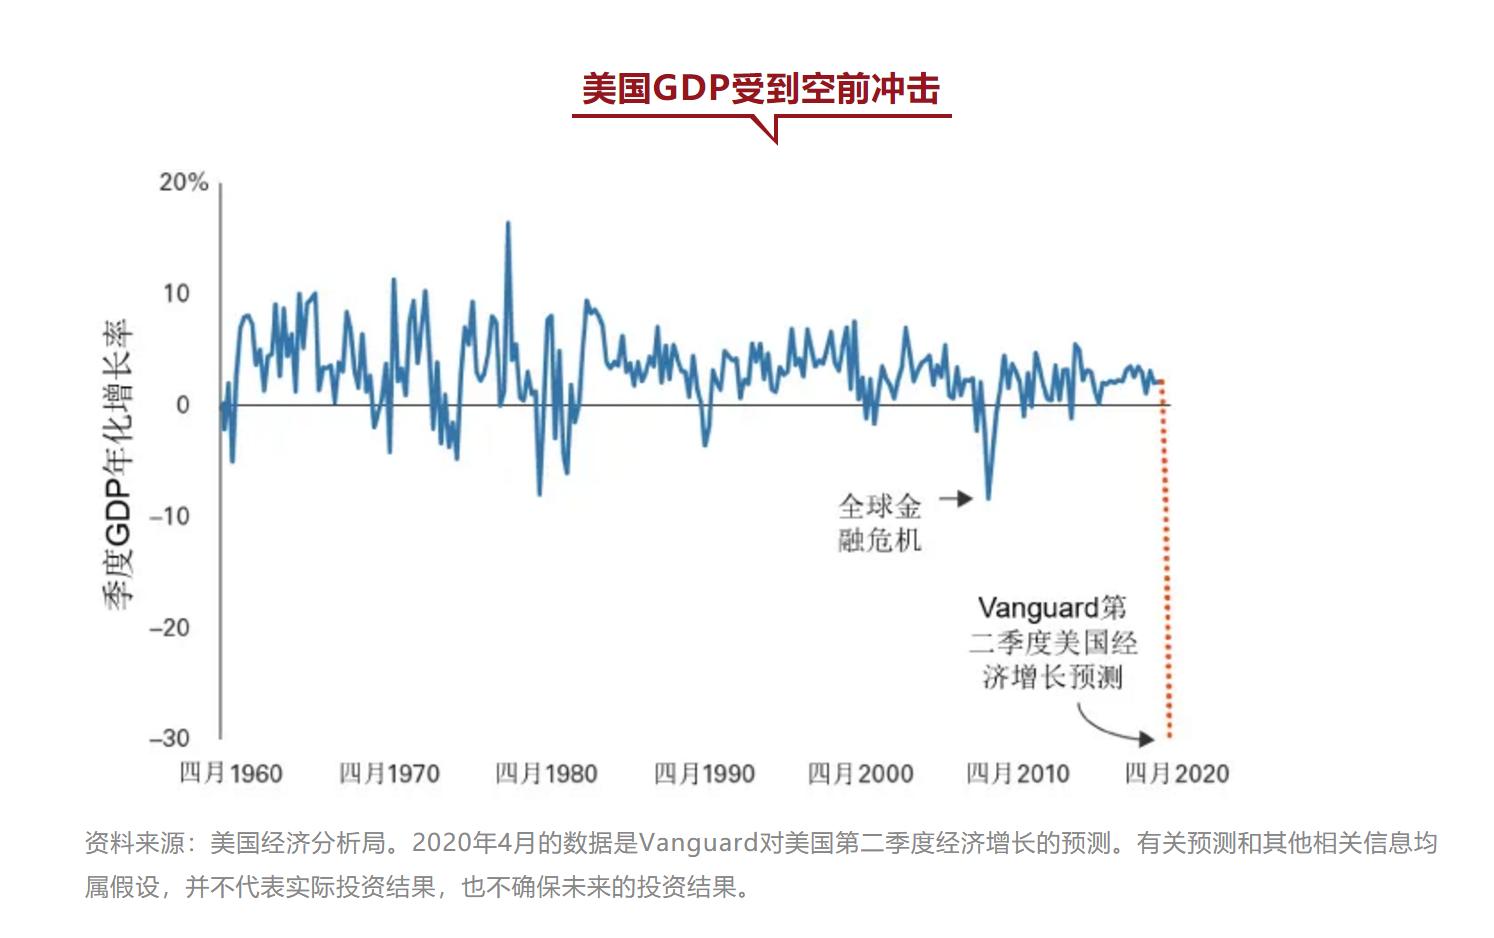 先锋领航:全球增长有望于下半年回正 发达经济体明年稍晚才恢复常态